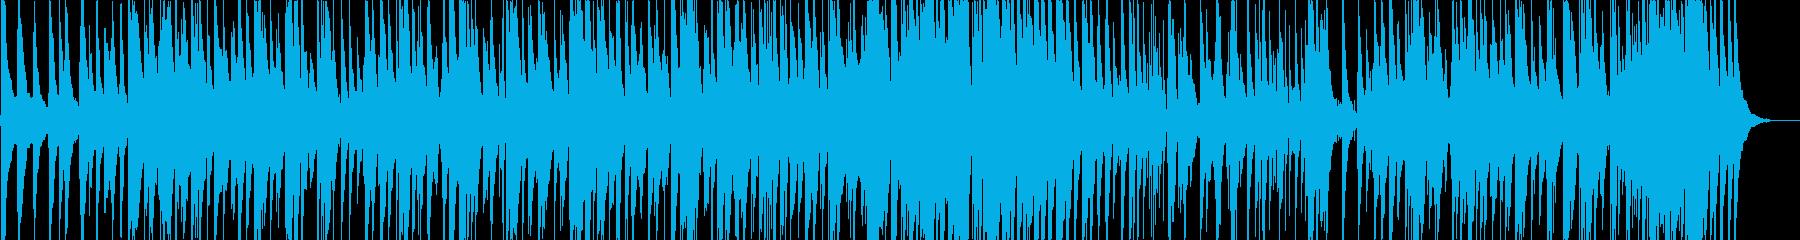 ゆったりとして、さわやかなボサノバの再生済みの波形